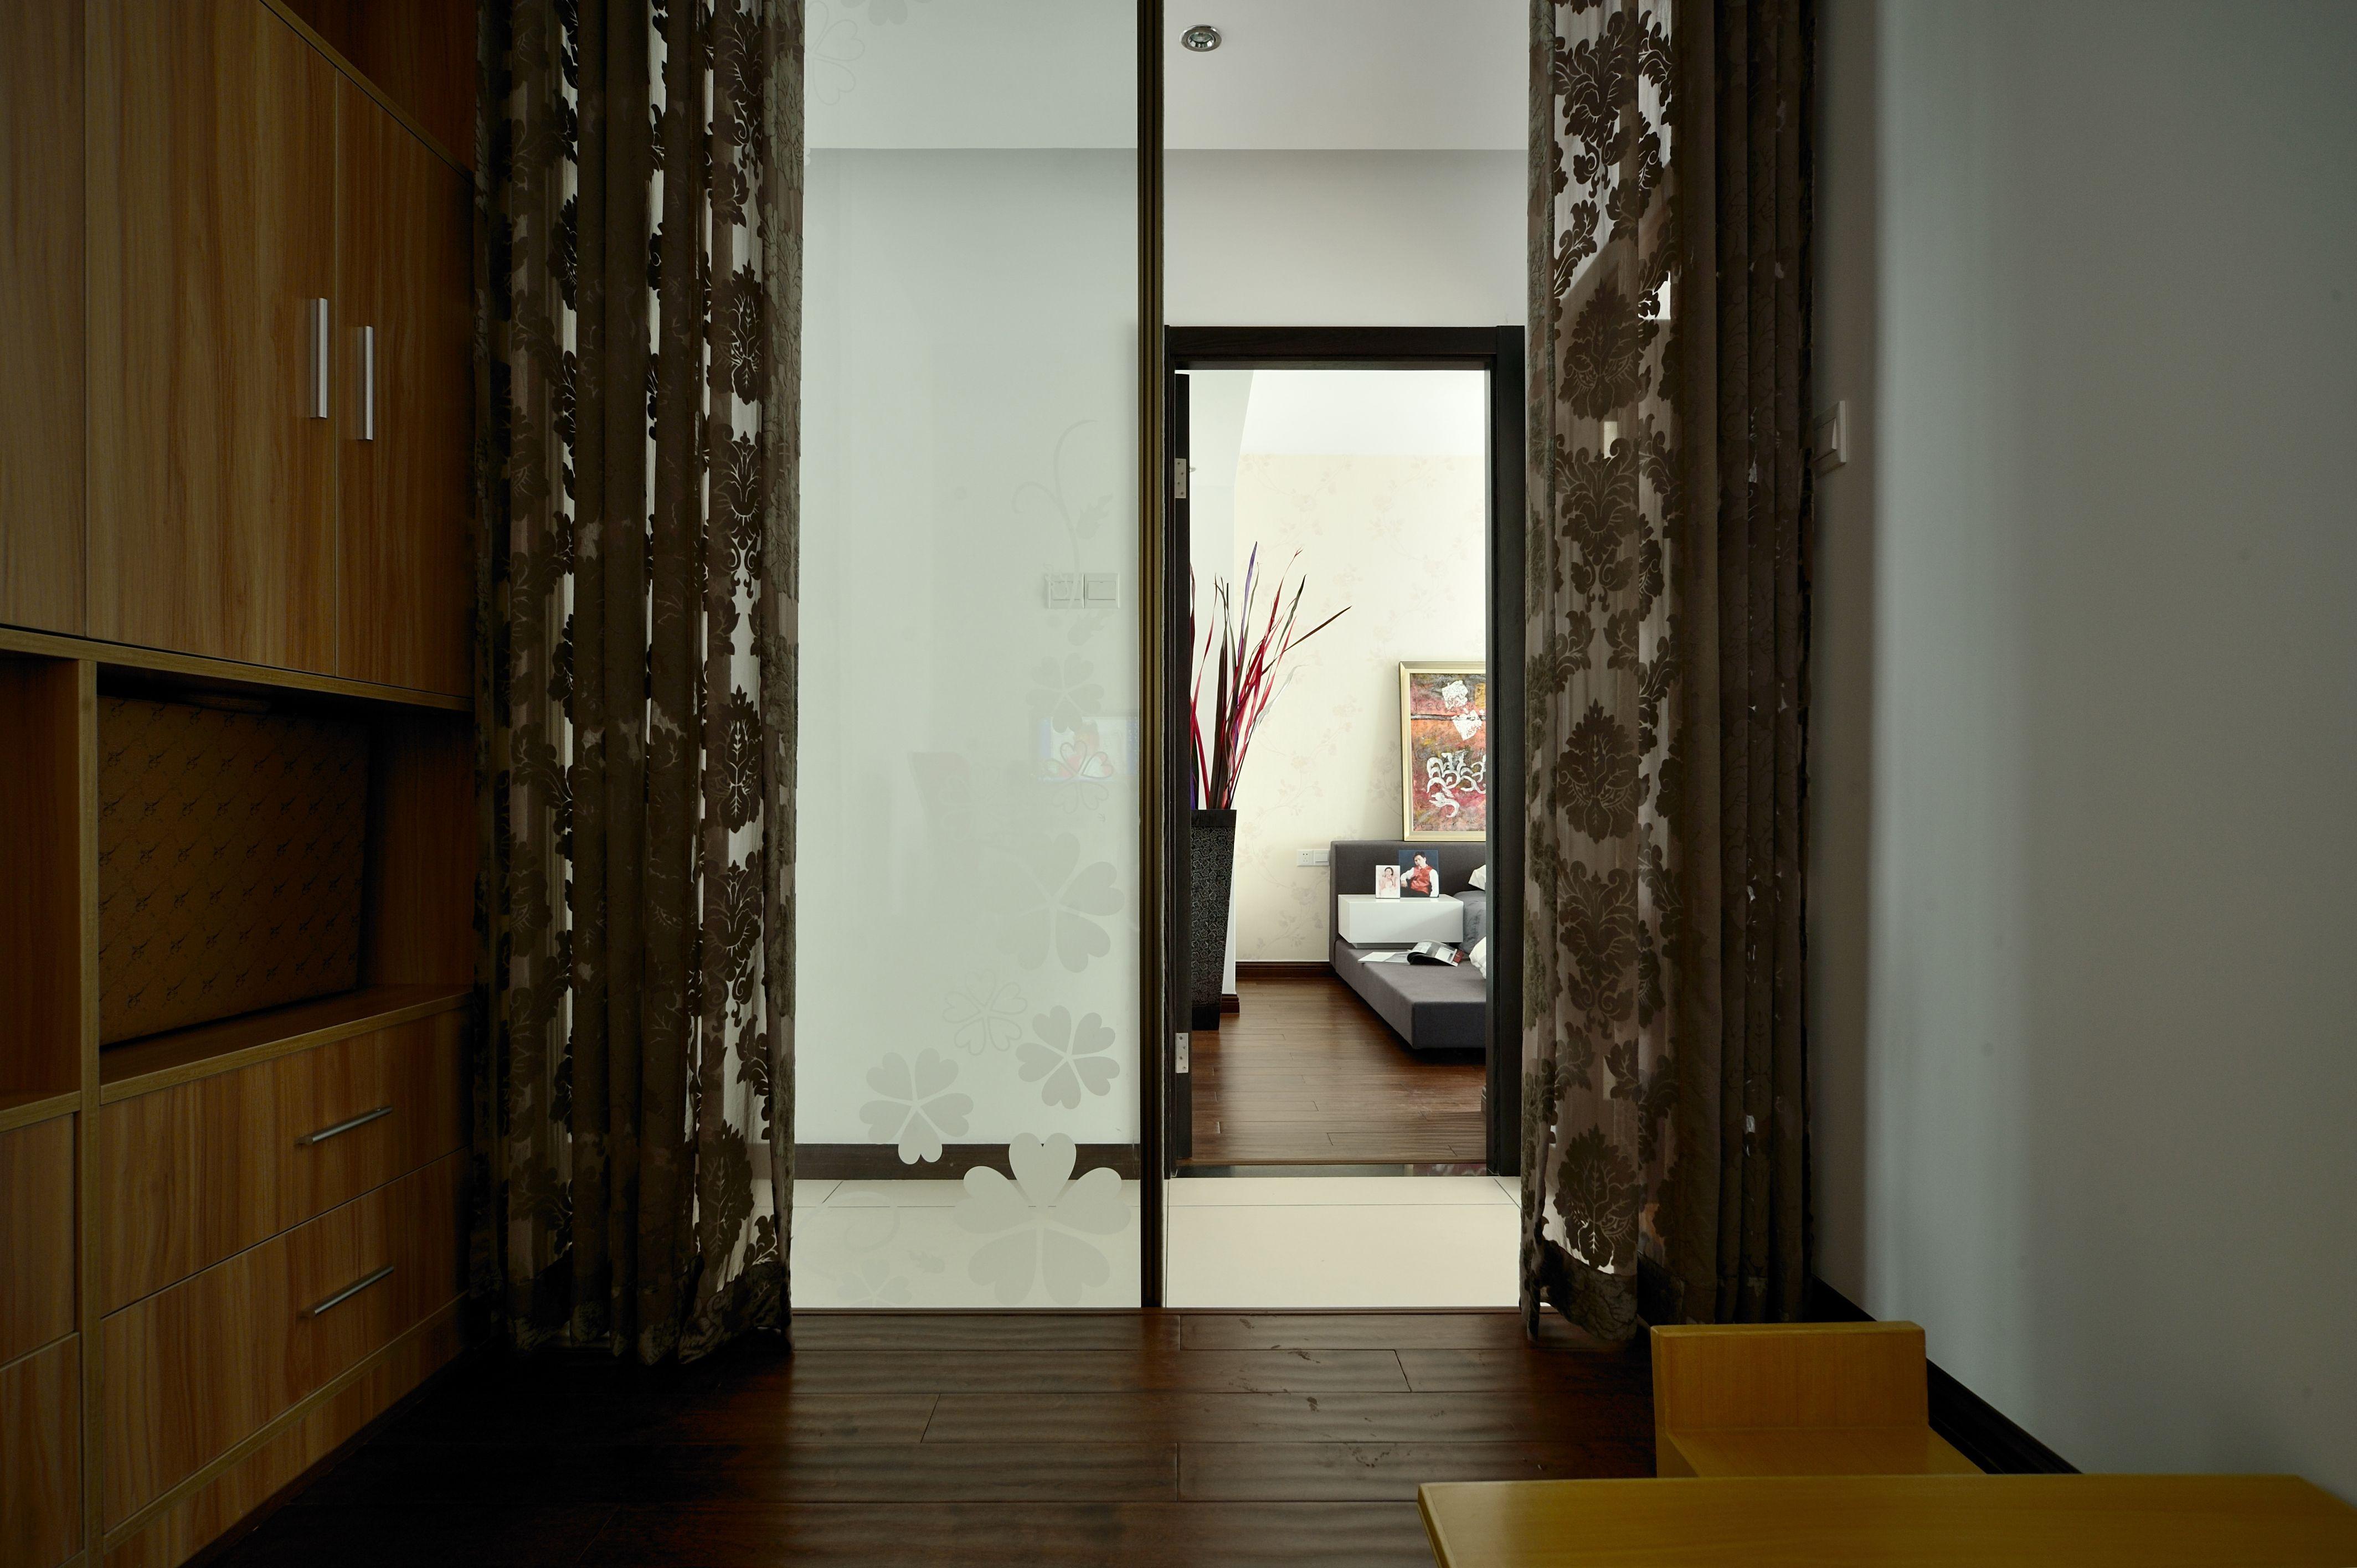 Contemporary Design Concept Of House Inside